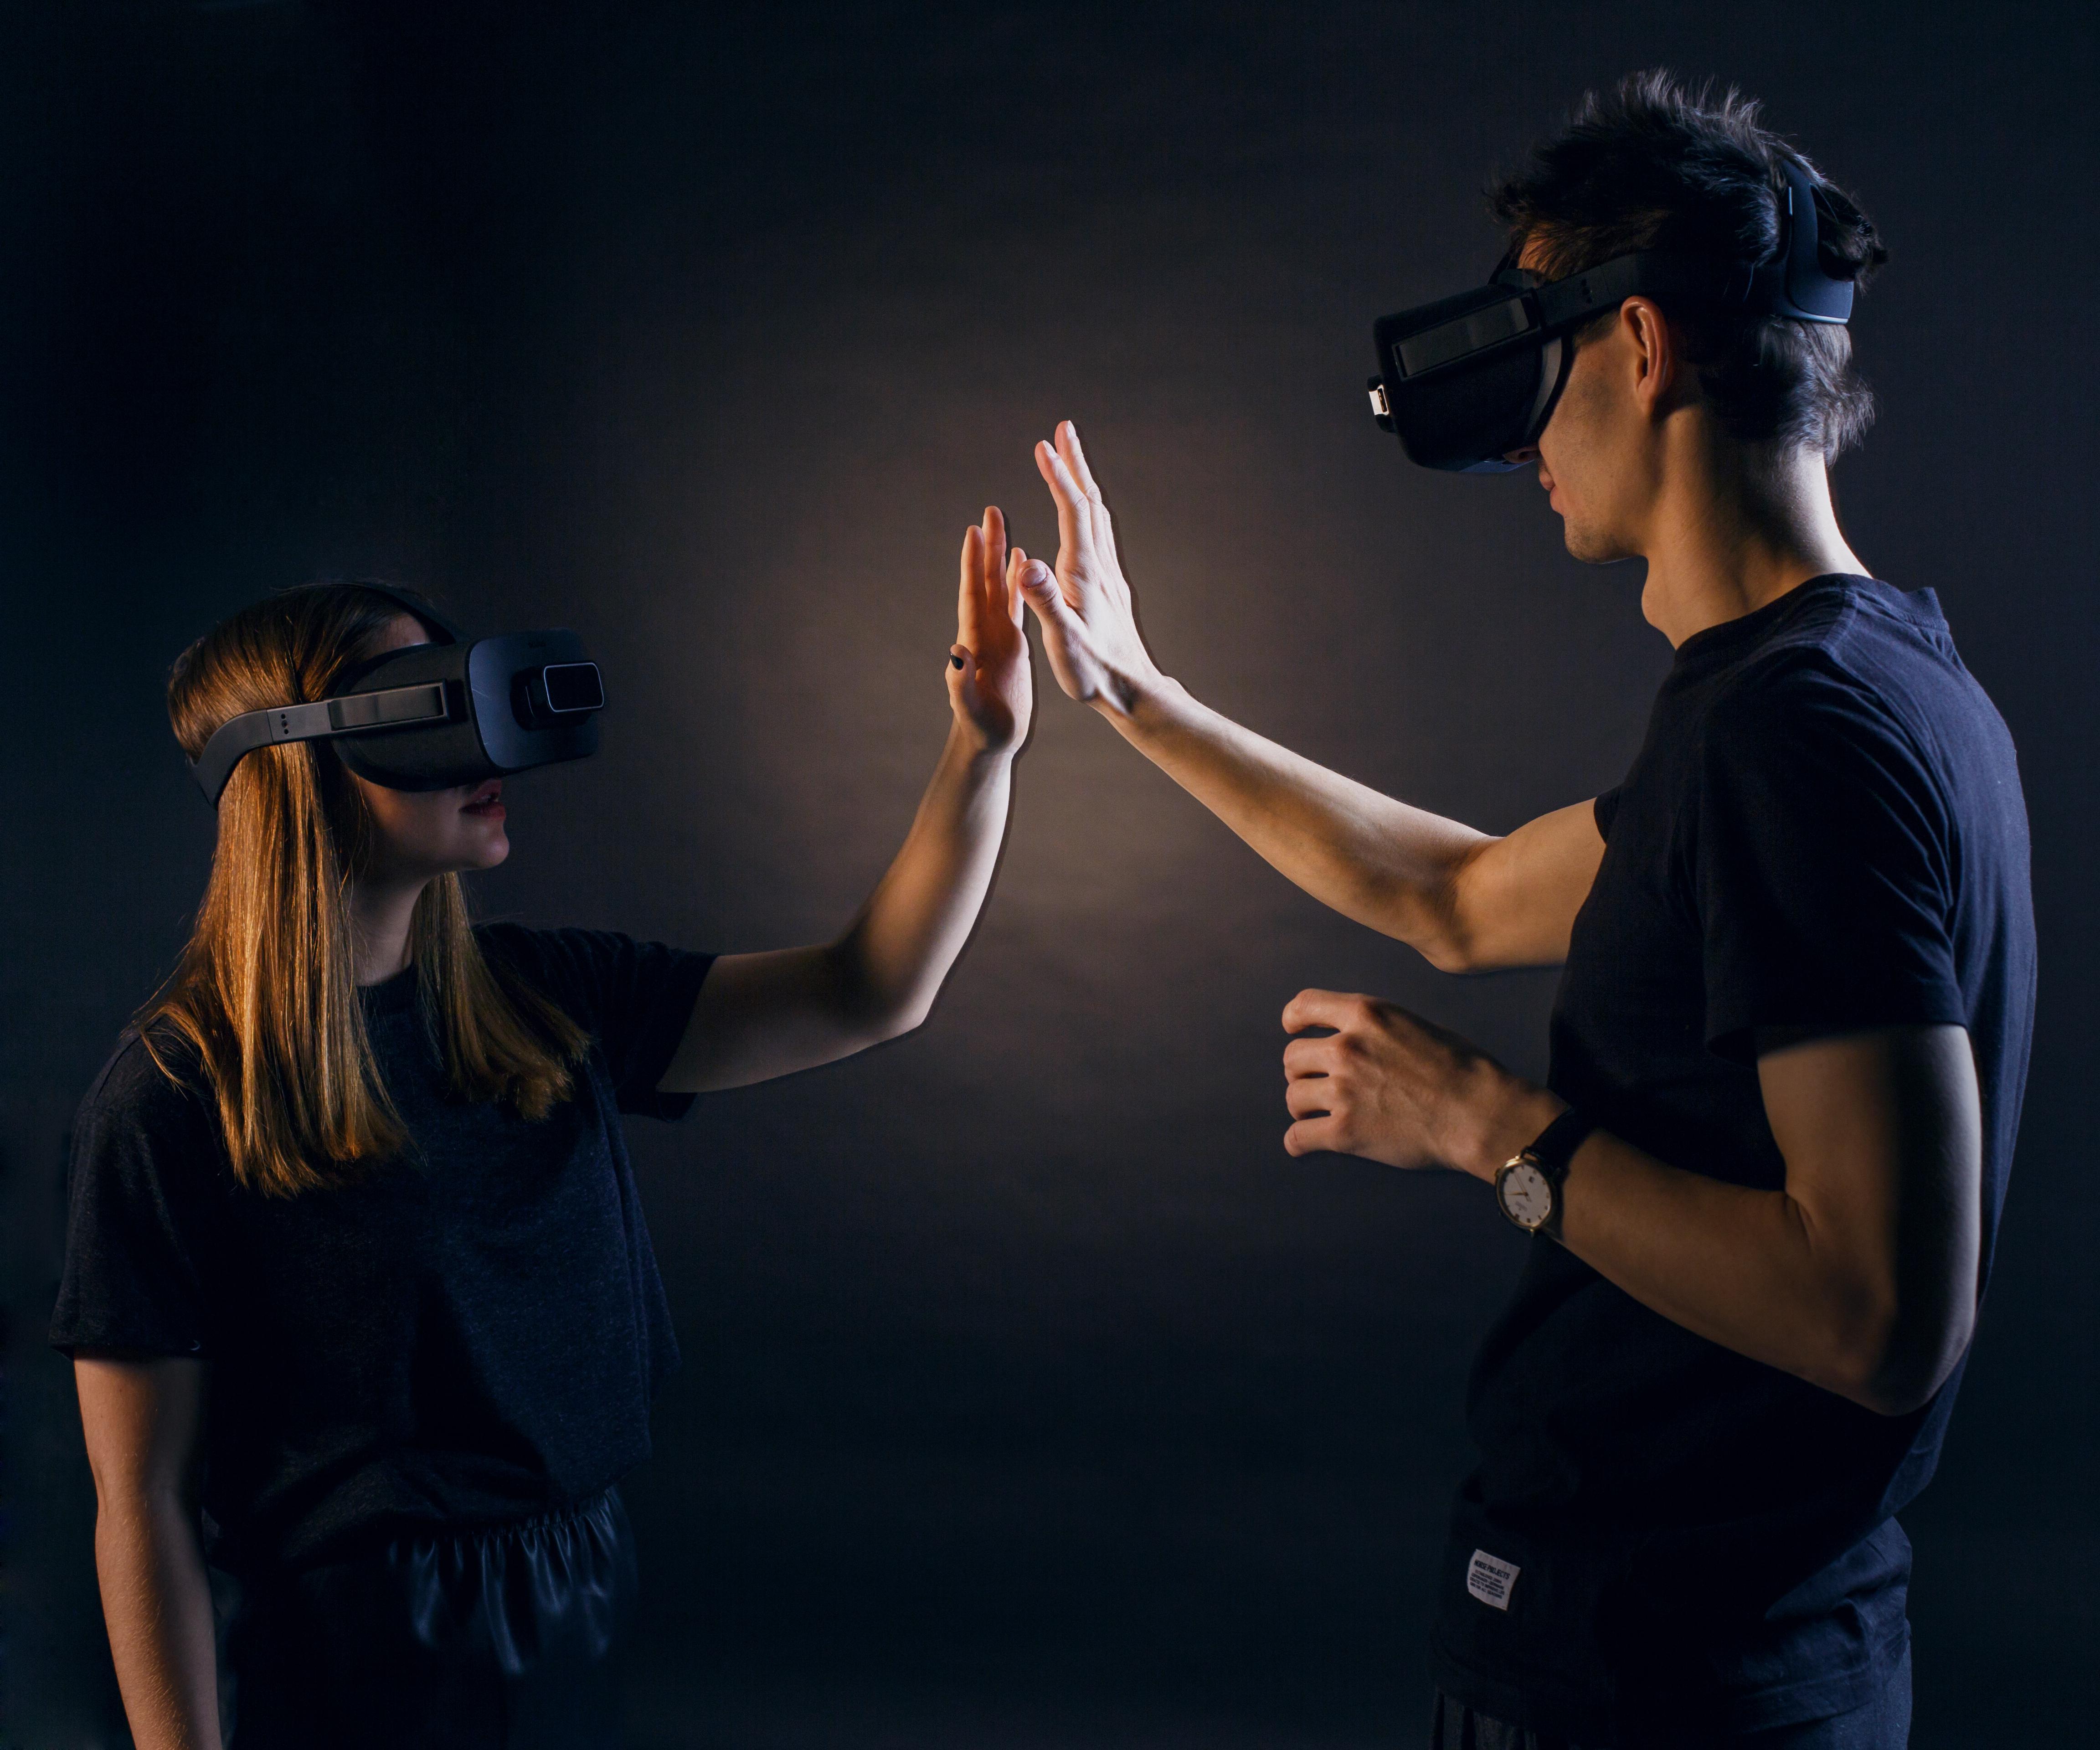 телефонов, режим квест в виртуальной реальности отзывы работе